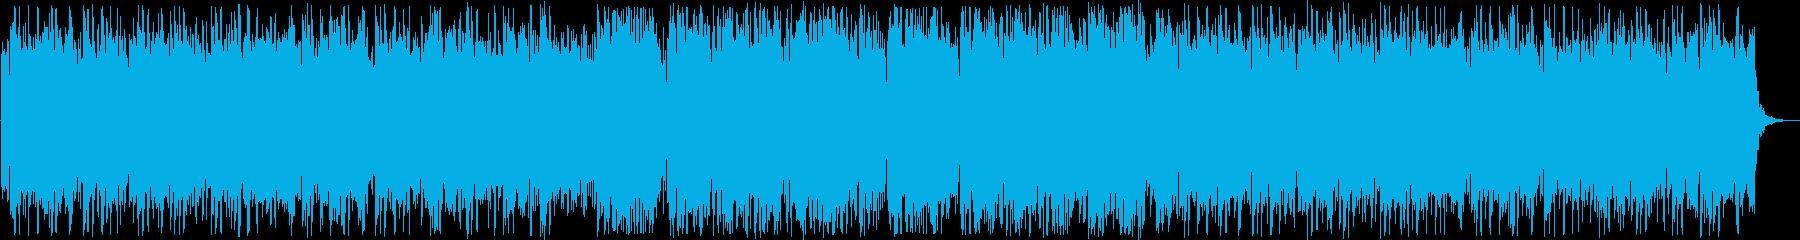 柔らかい音色のリラクゼーション曲の再生済みの波形